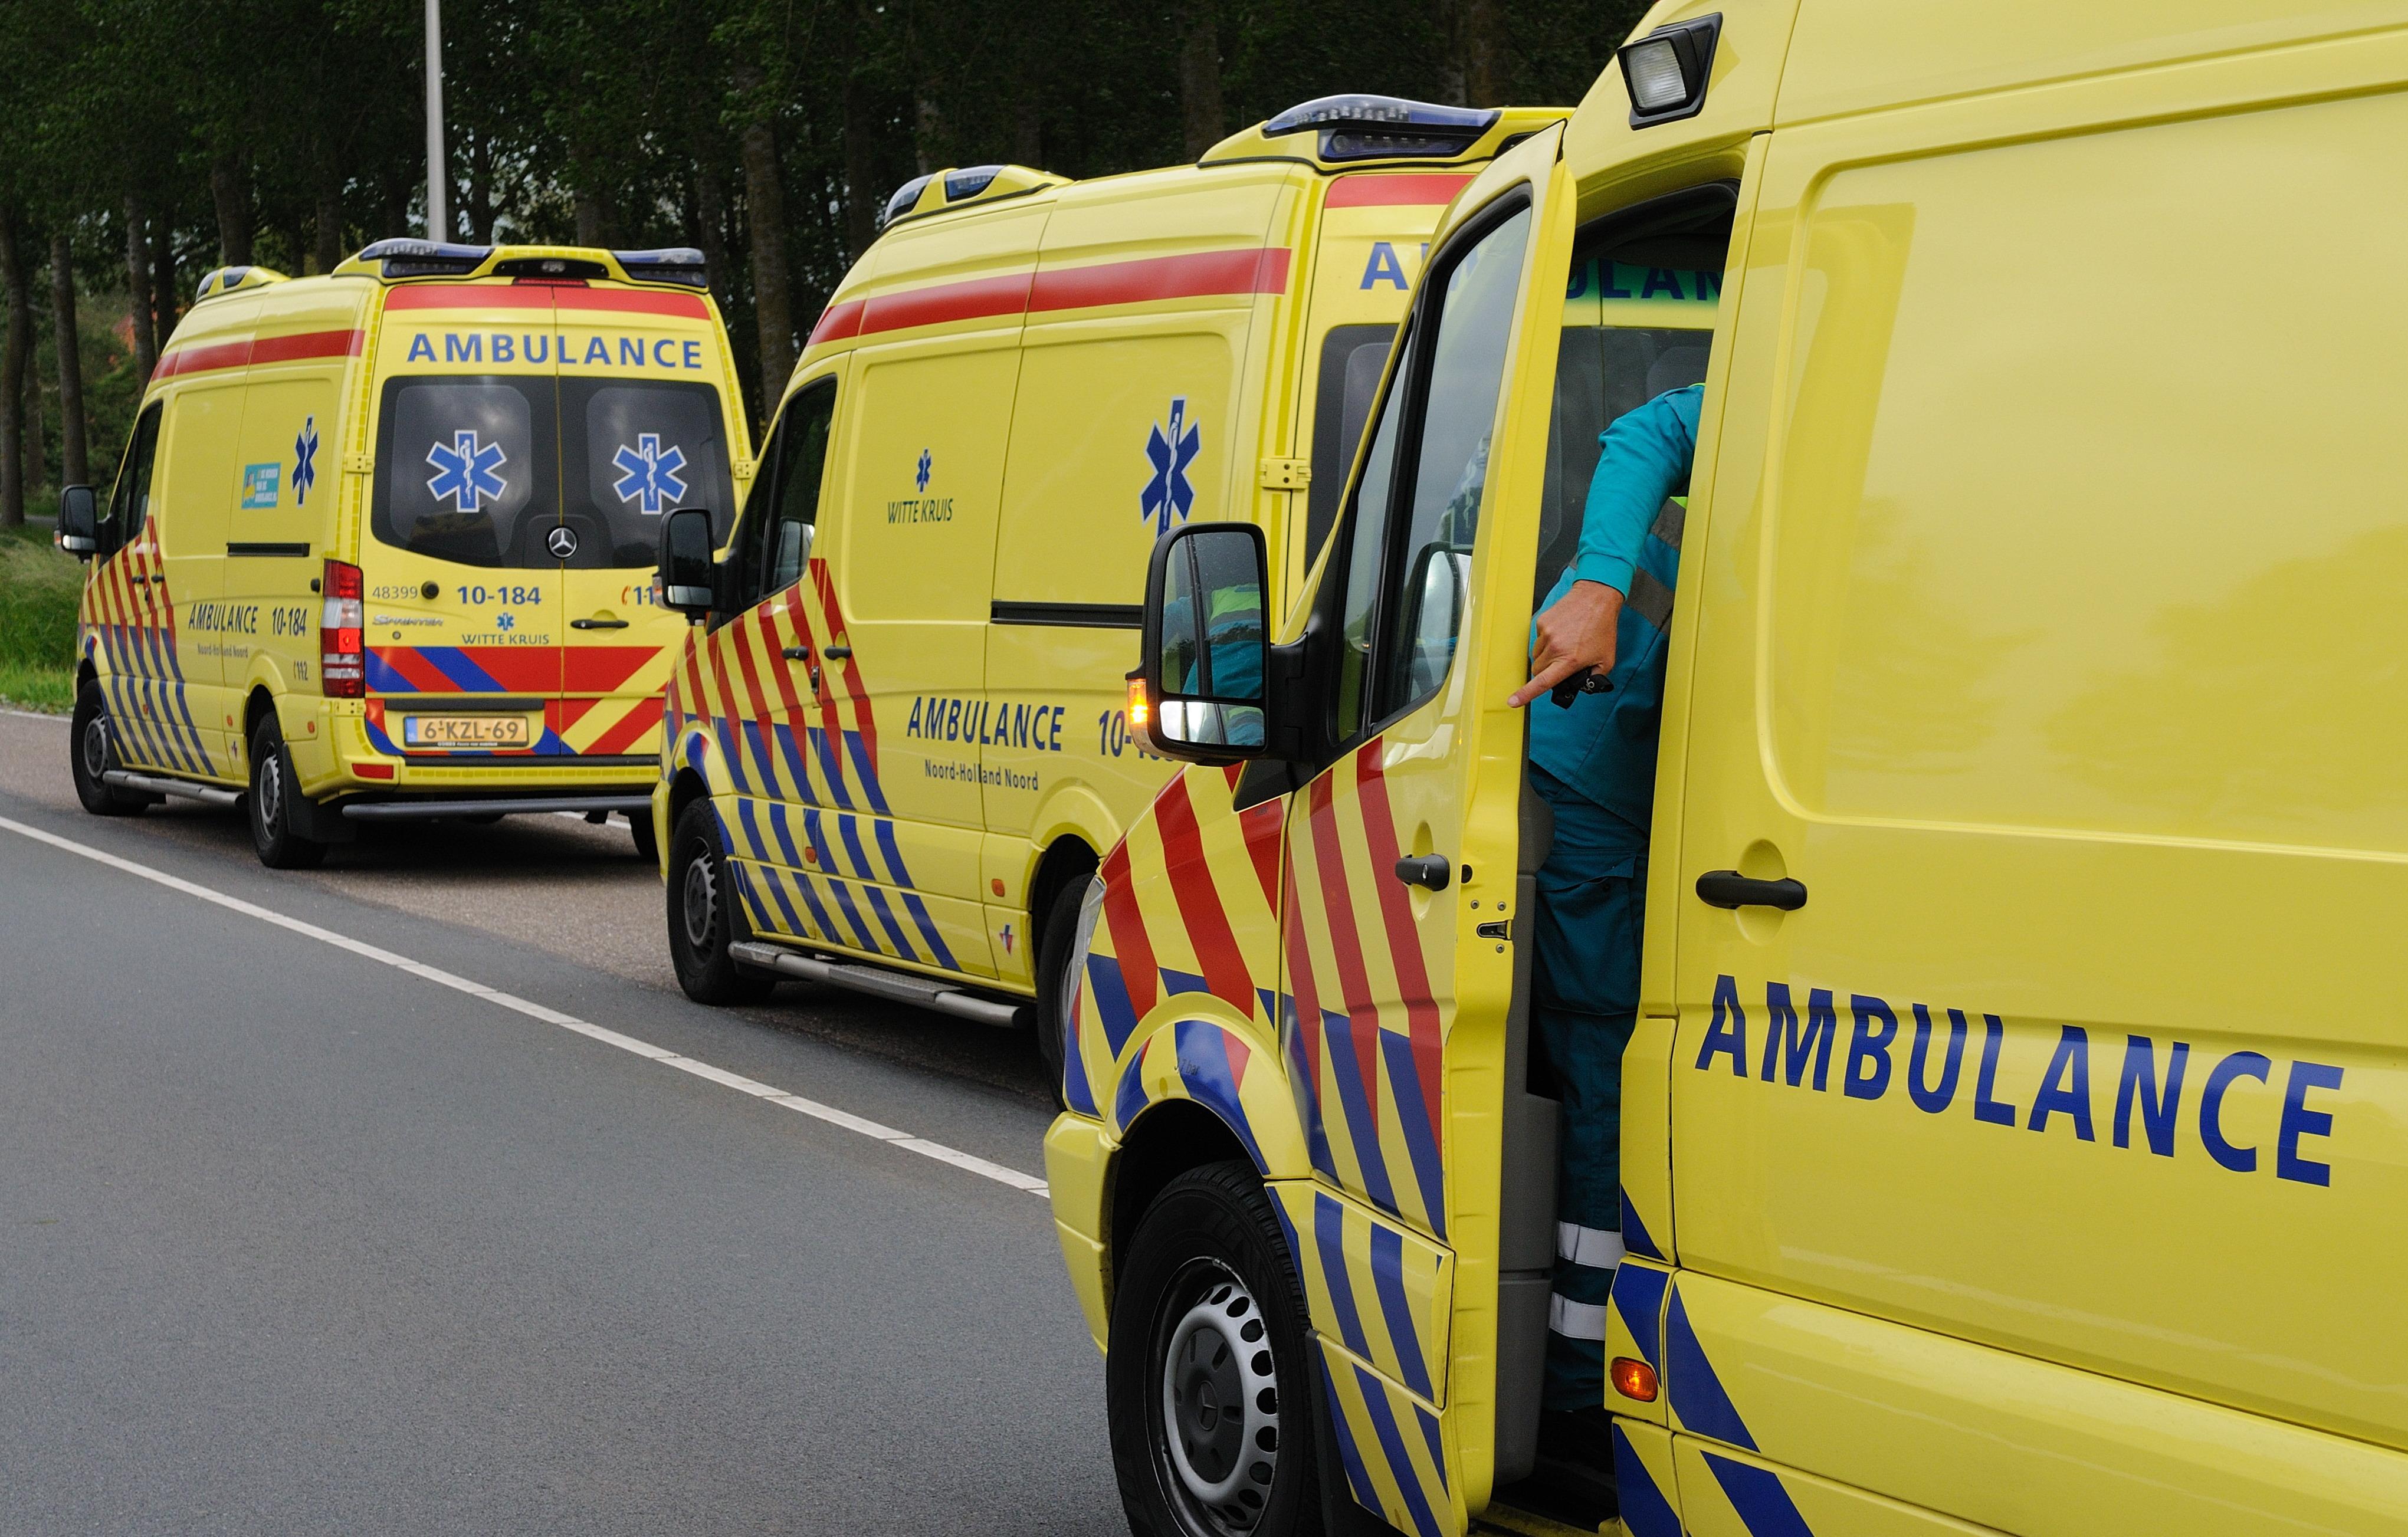 Maandag drukke spits door pensioenprotest, hulpdiensten rijden 66 kilometer per uur over snelweg van Noord-Holland naar Den Haag